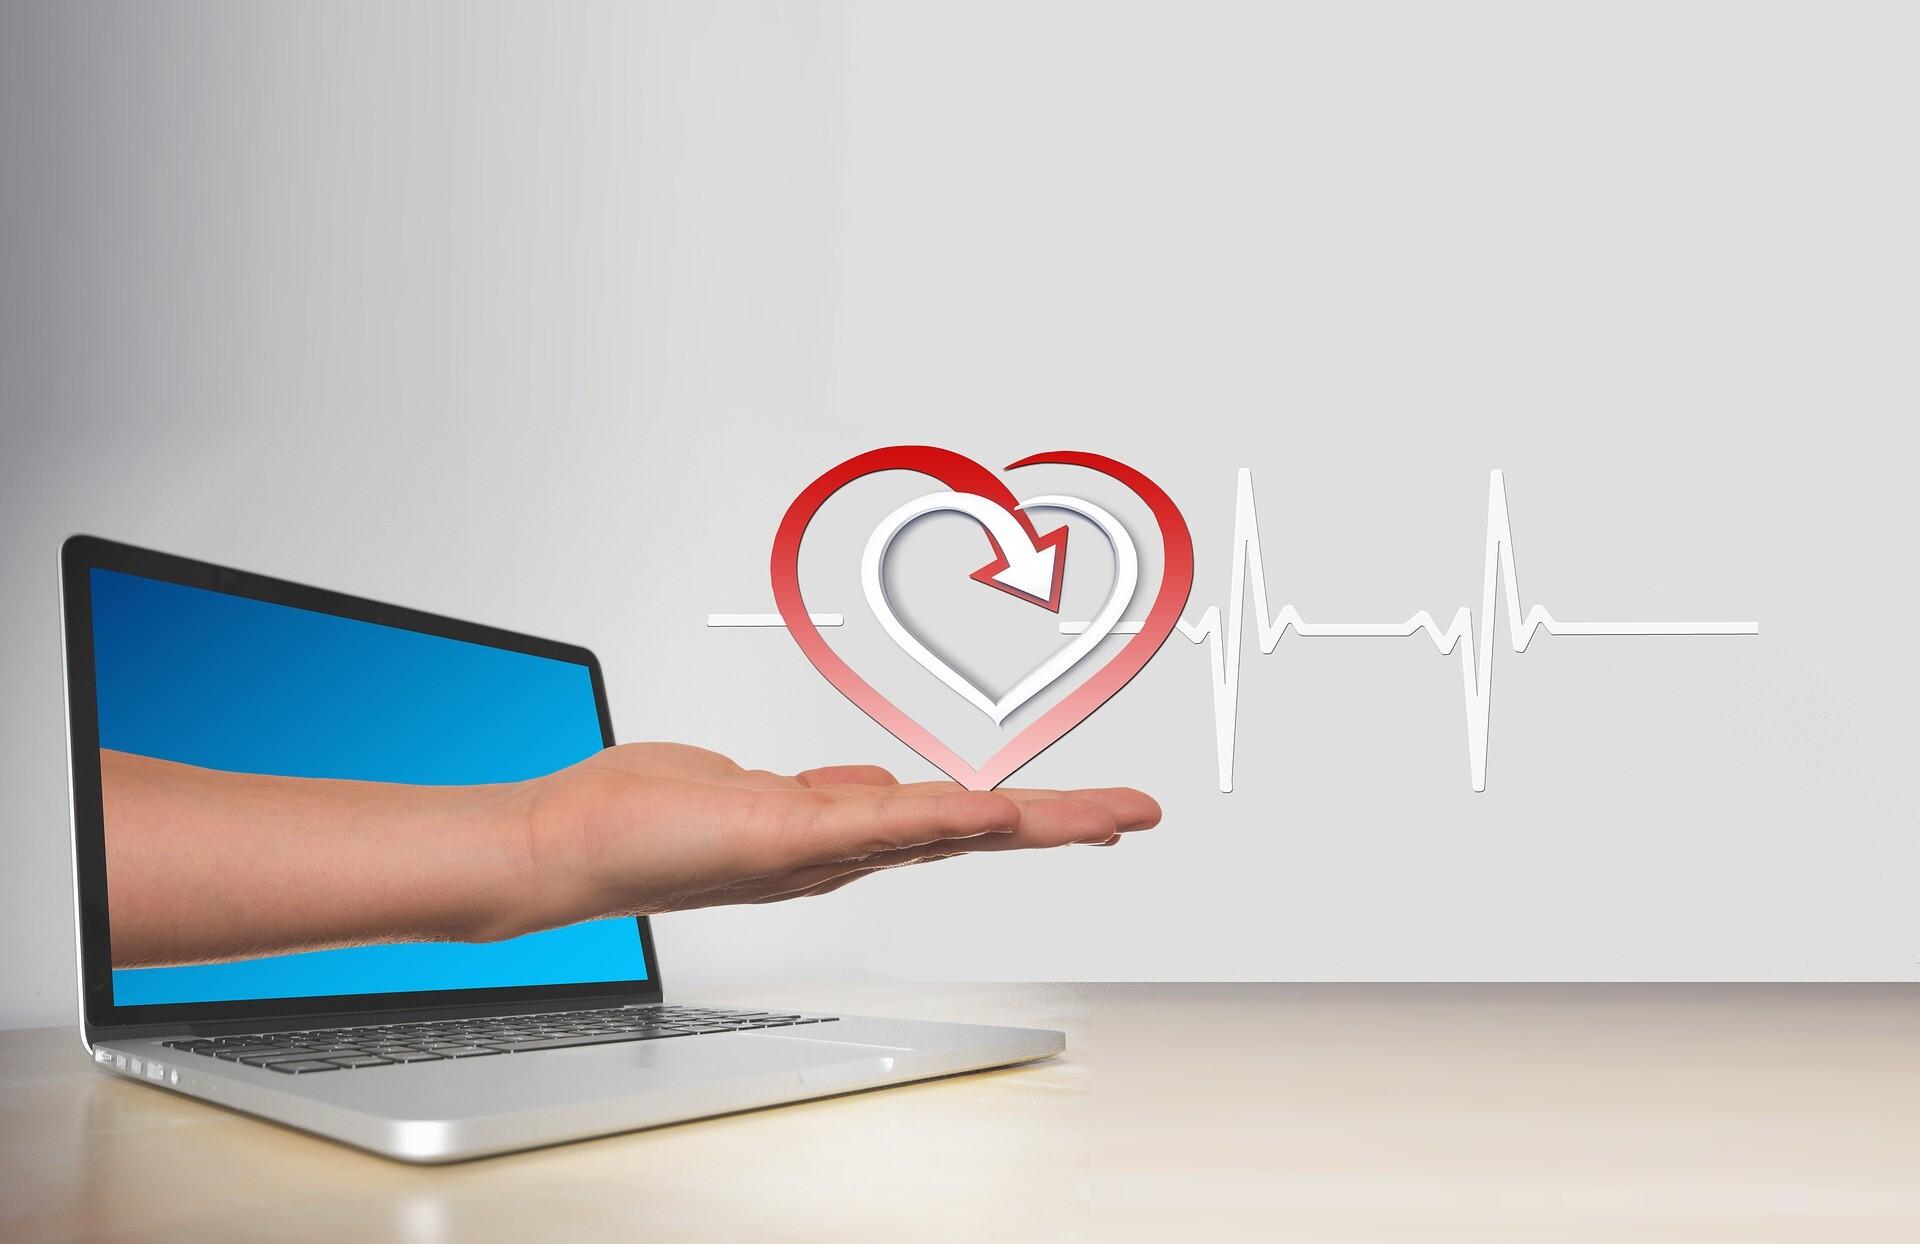 Aus dem Laptop Bildschirm greift eine Hand heraus und hält ein Herz und einen Pulsschlag - Online Beratung von distriko